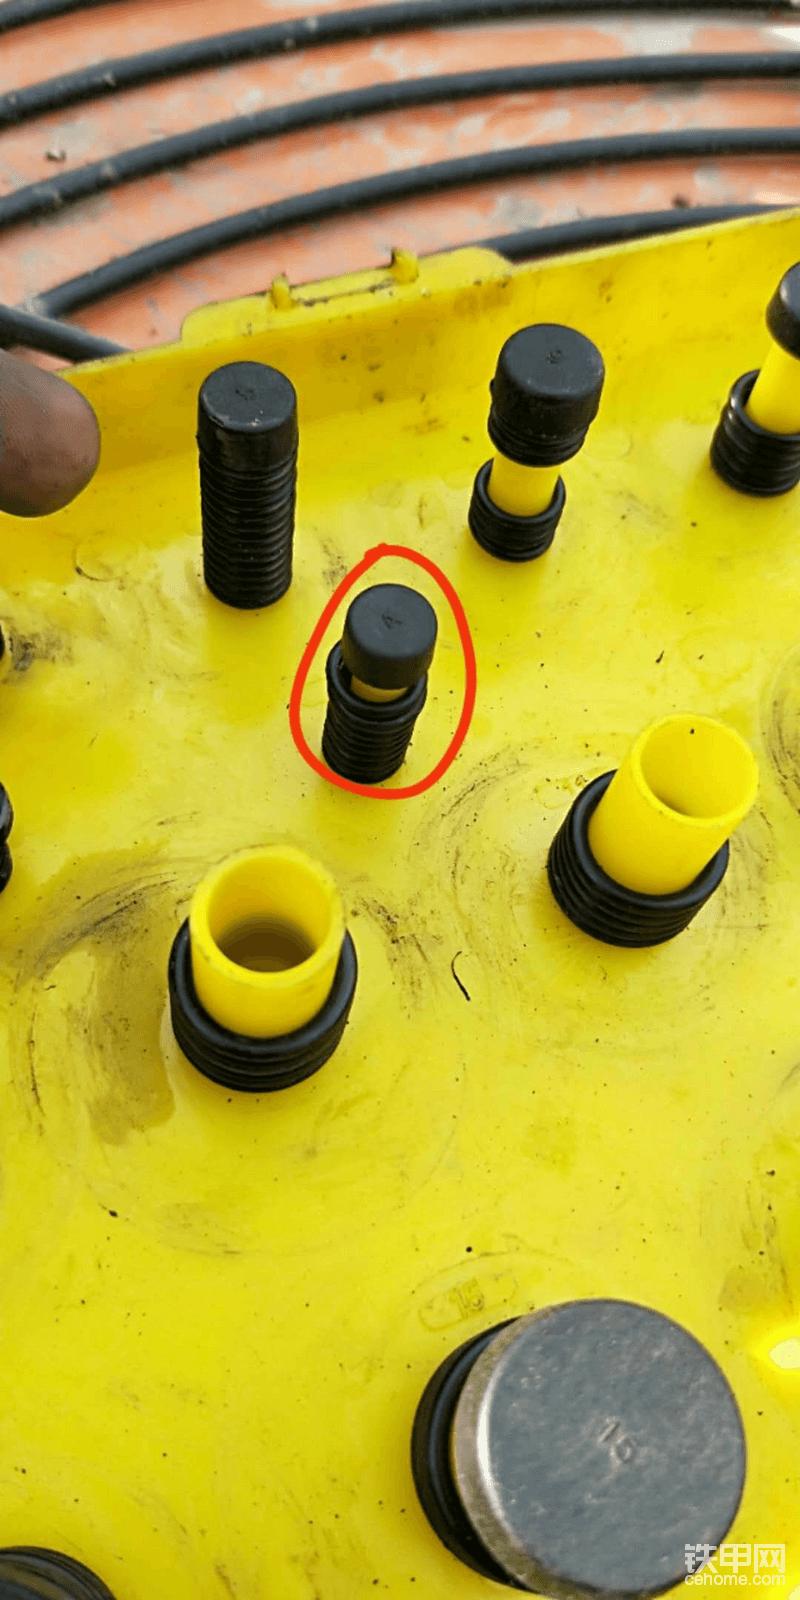 用到的就是这个规格的密封圈,要换的时候准备好就可以,比较简单准备好17、19的扳手就可以。